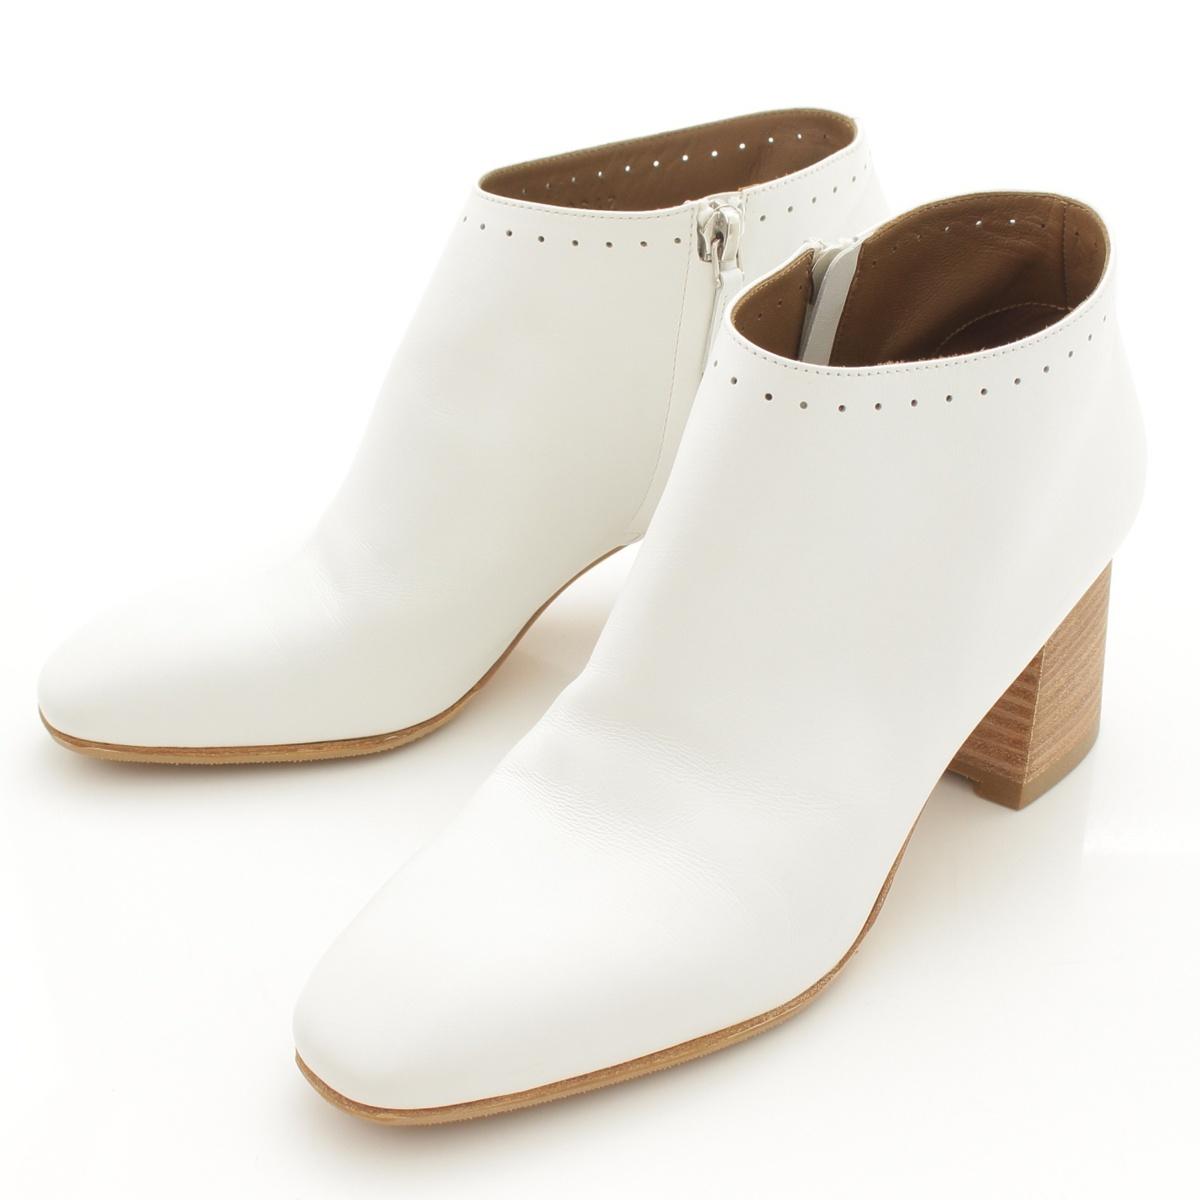 【エルメス】Hermes 19SS トルナード レザー パンチング ブーティ ショート ブーツ ホワイト 36 【中古】【鑑定済・正規品保証】66493